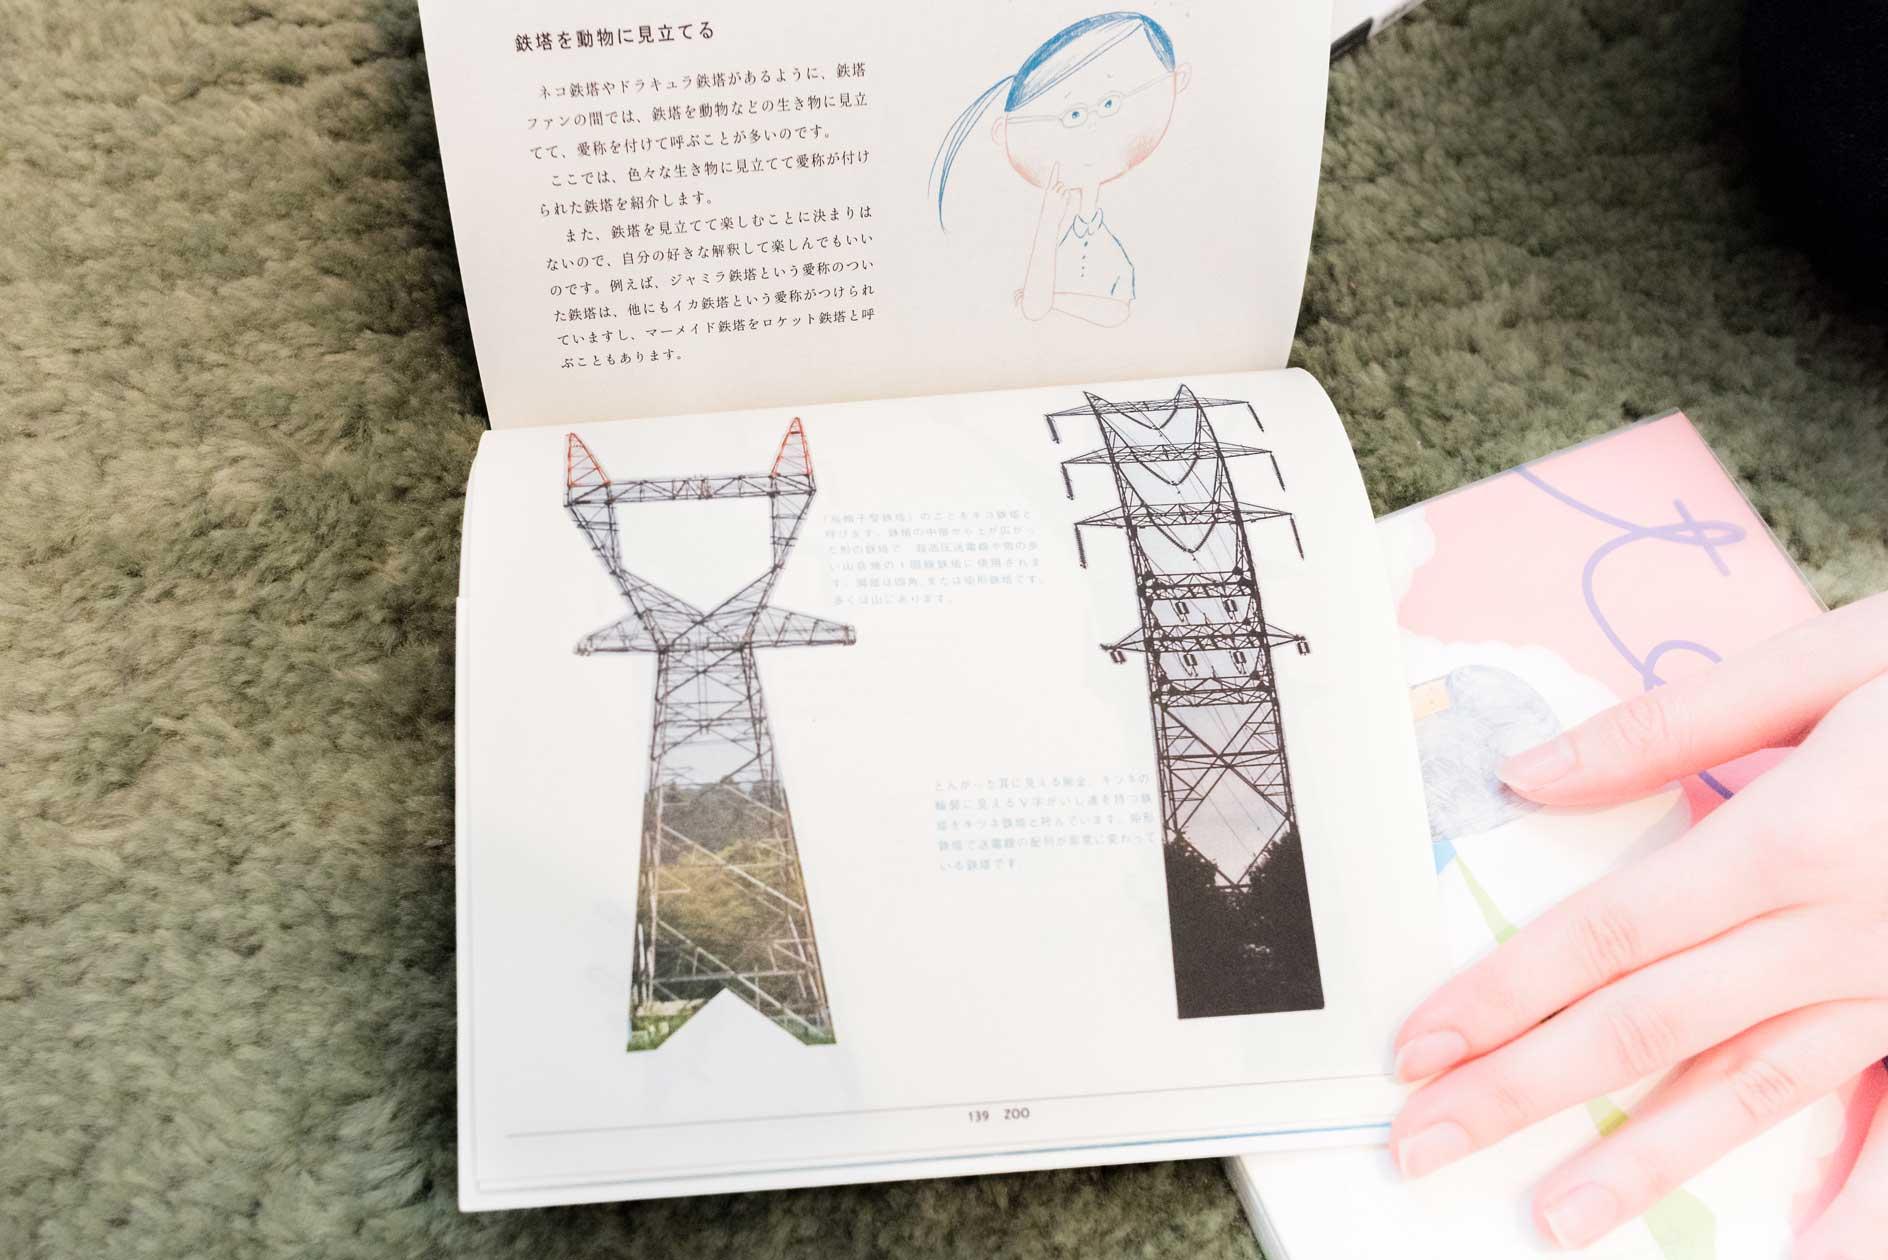 鉄塔の種類による「見立て」のすすめ。この鉄塔が縁取る風景の表現いいな! って思った。